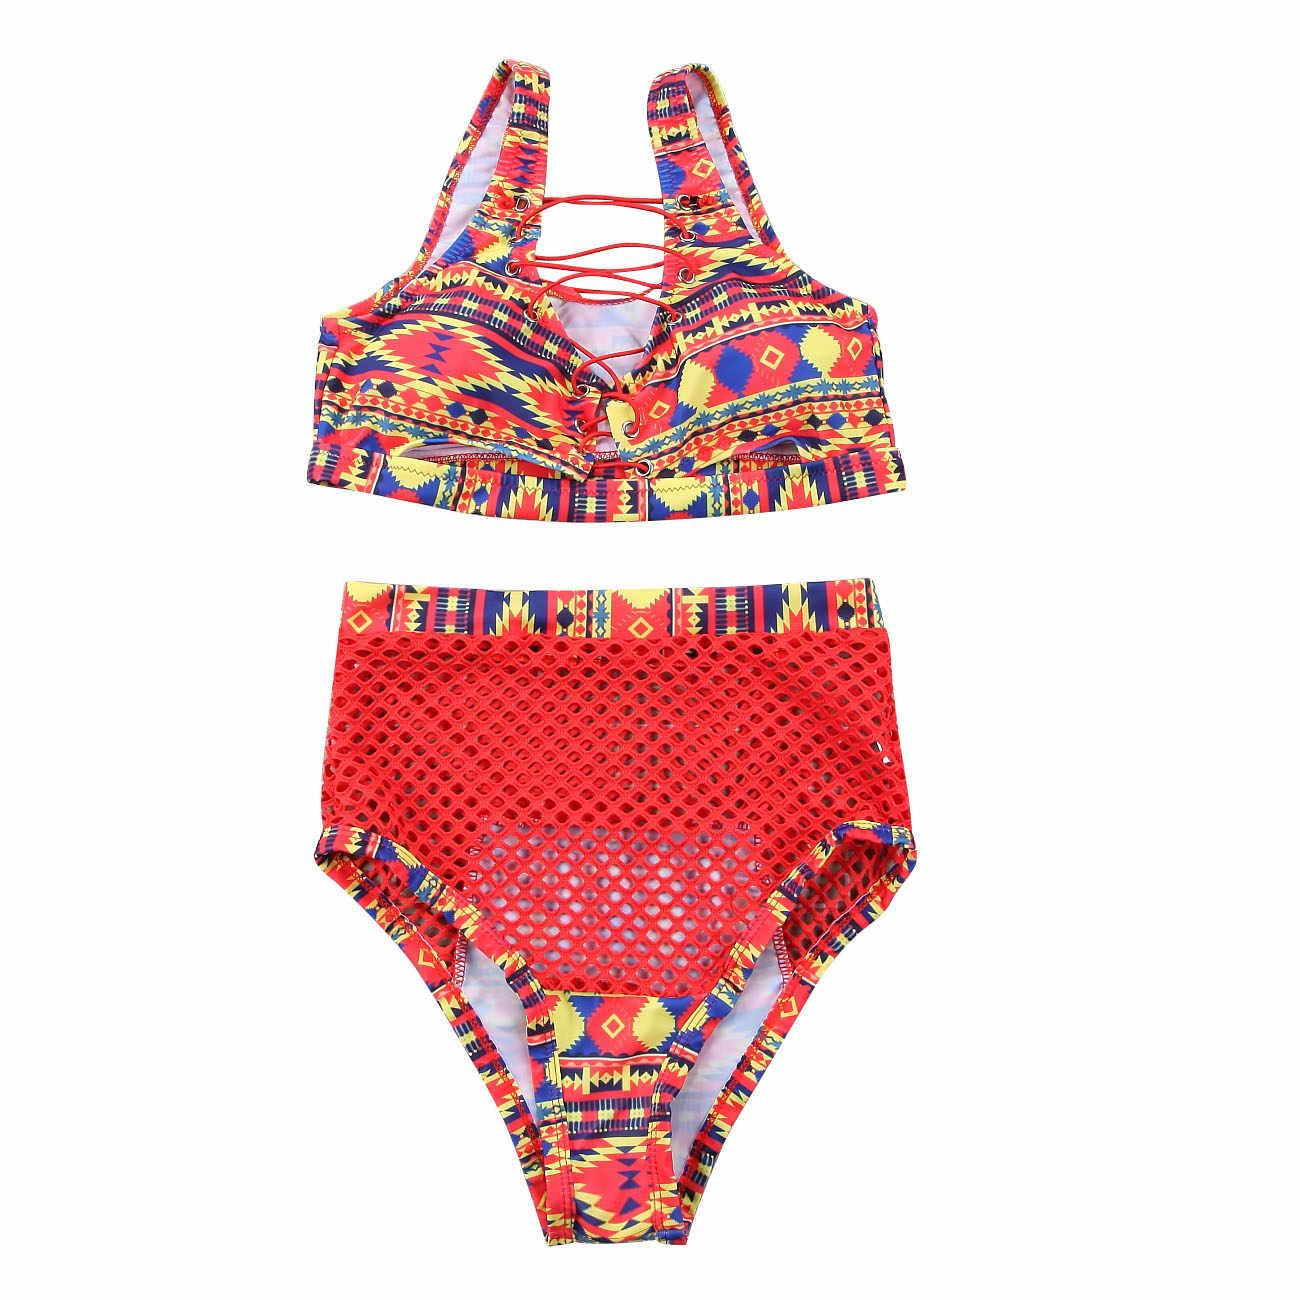 Nouveau Sexy femmes Bikini ensemble Bandage Push up rembourré maillot de bain maillots de bain maillot de bain plage natation Costume Bikini ensemble